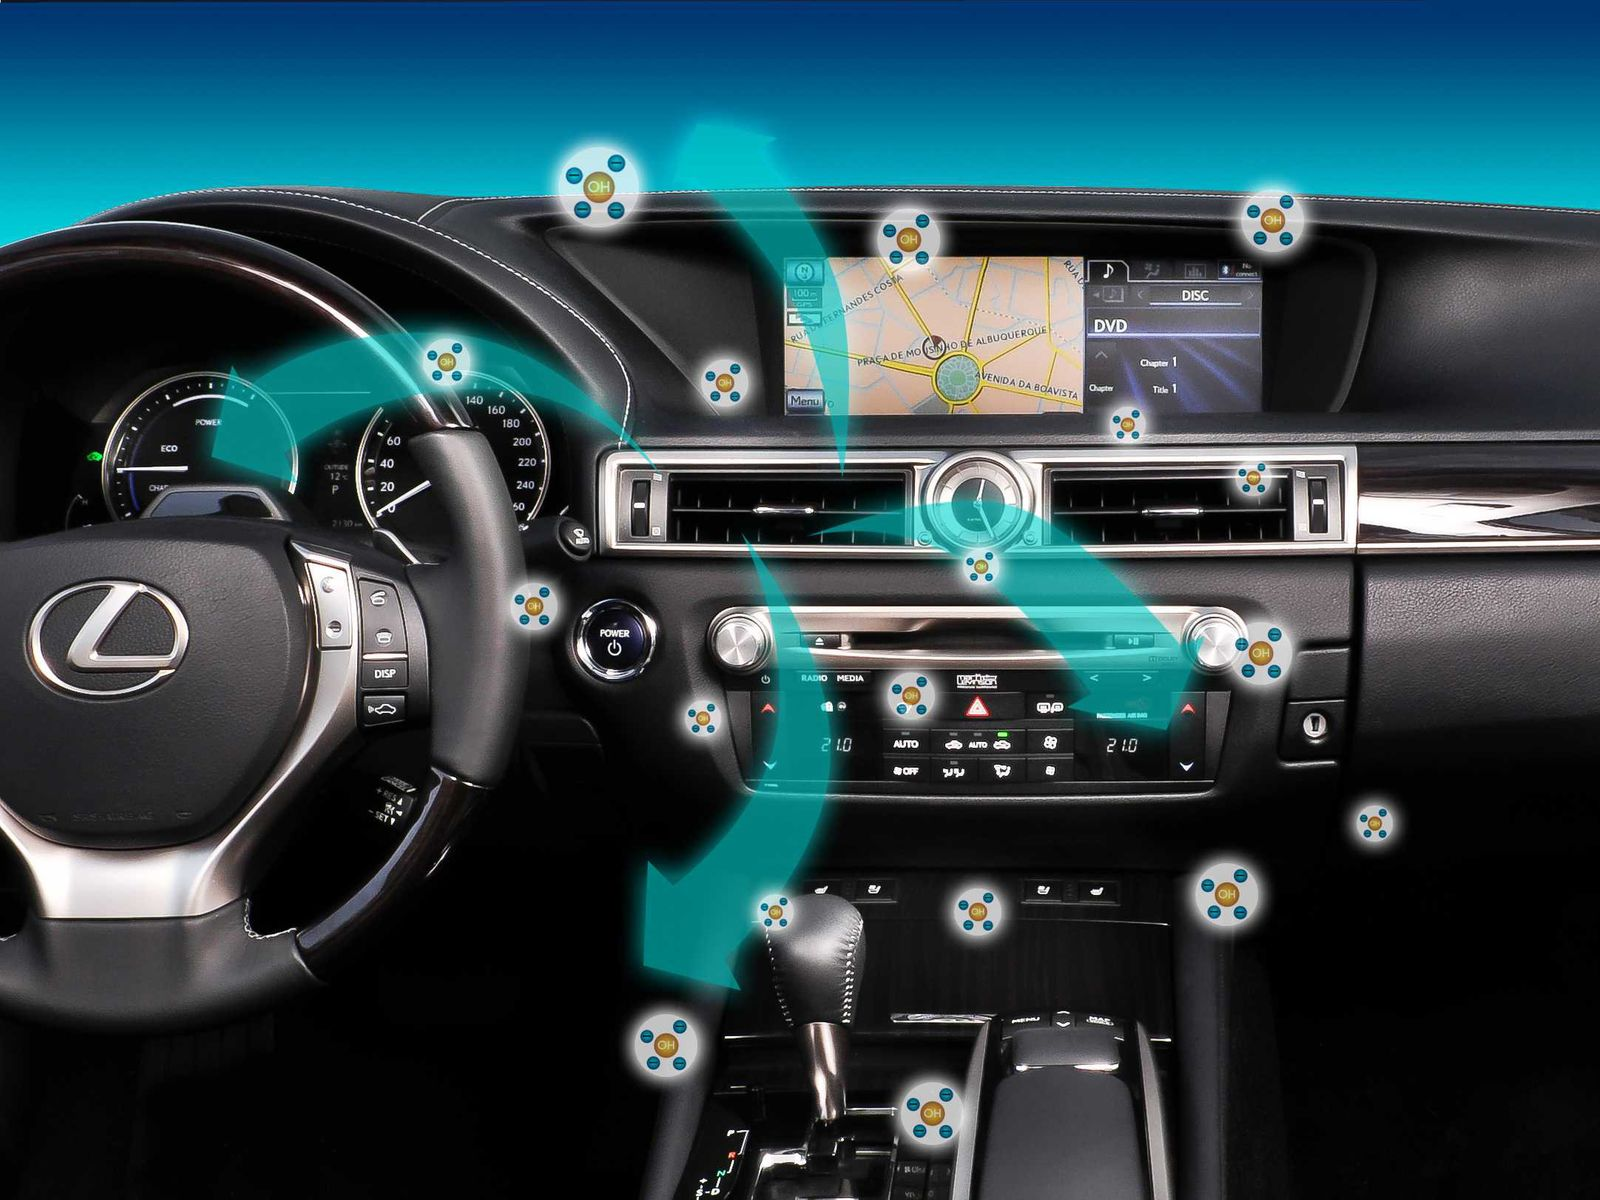 EINMALIGE VERWENDUNG In der Komfortzone - Klimatechnik fürs Auto immer aufwendiger